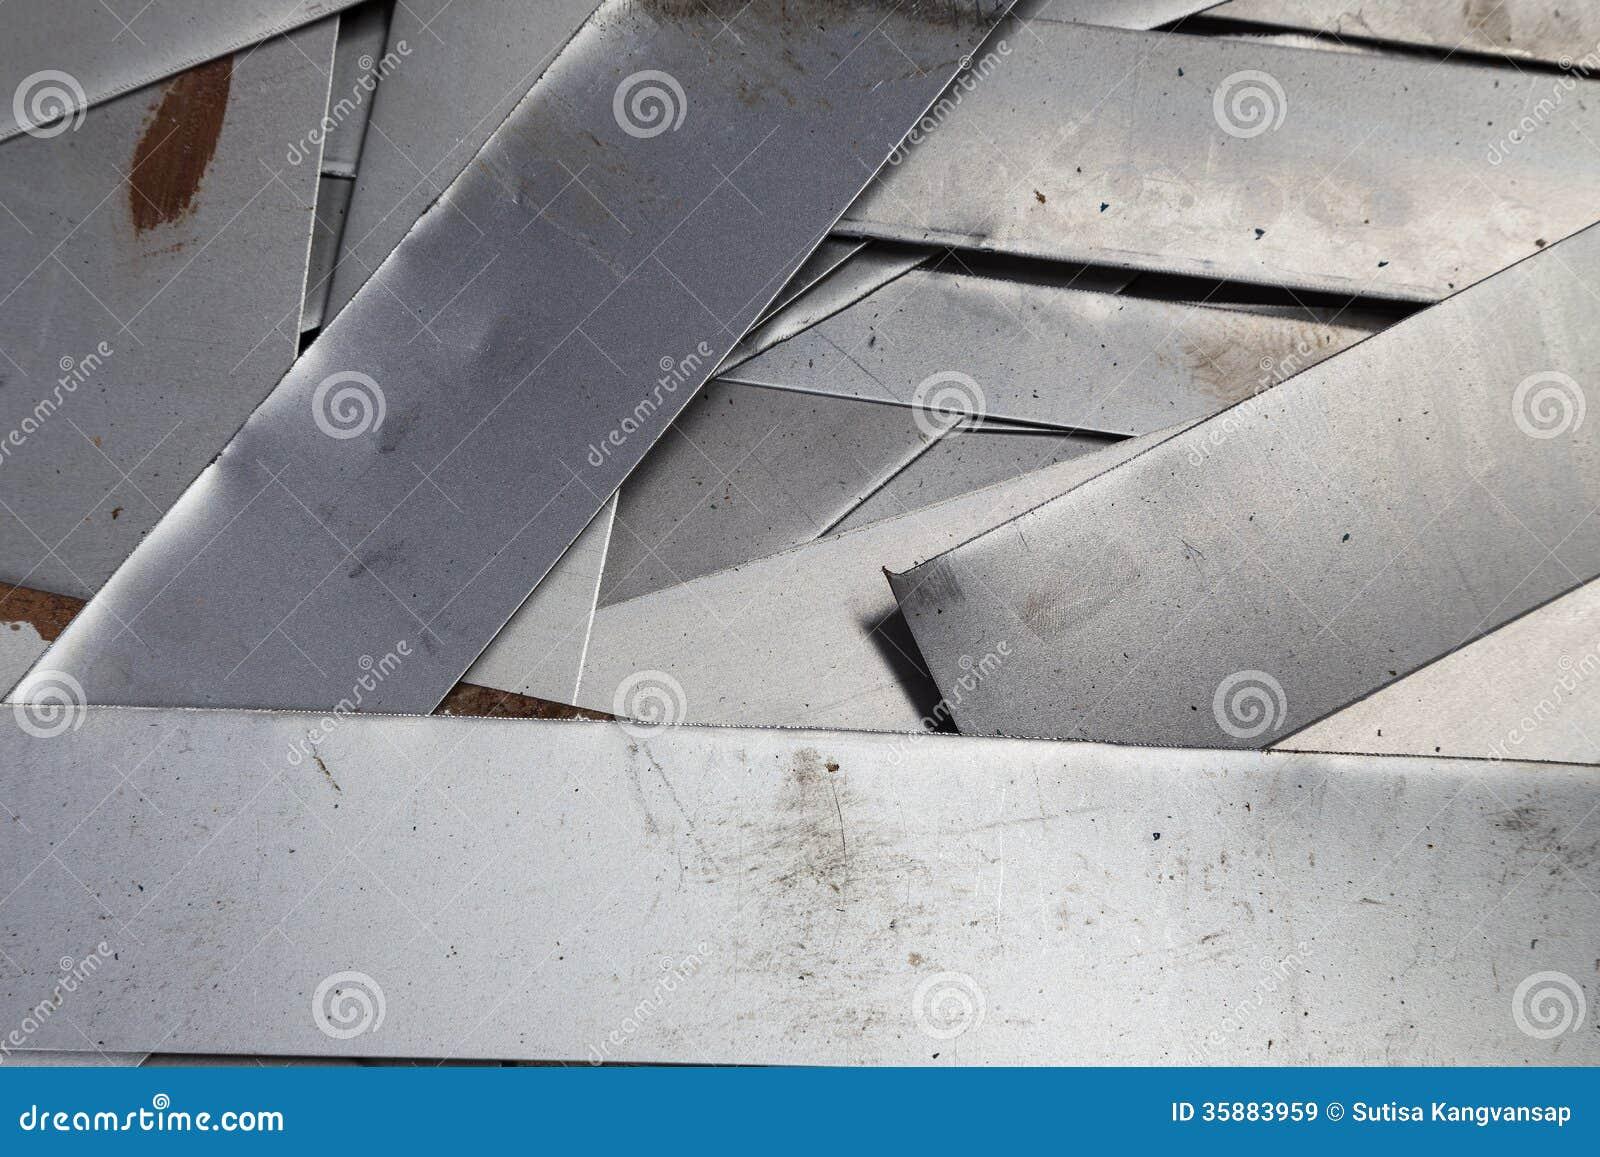 Scrap Metal Sheet Royalty Free Stock Images Image 35883959